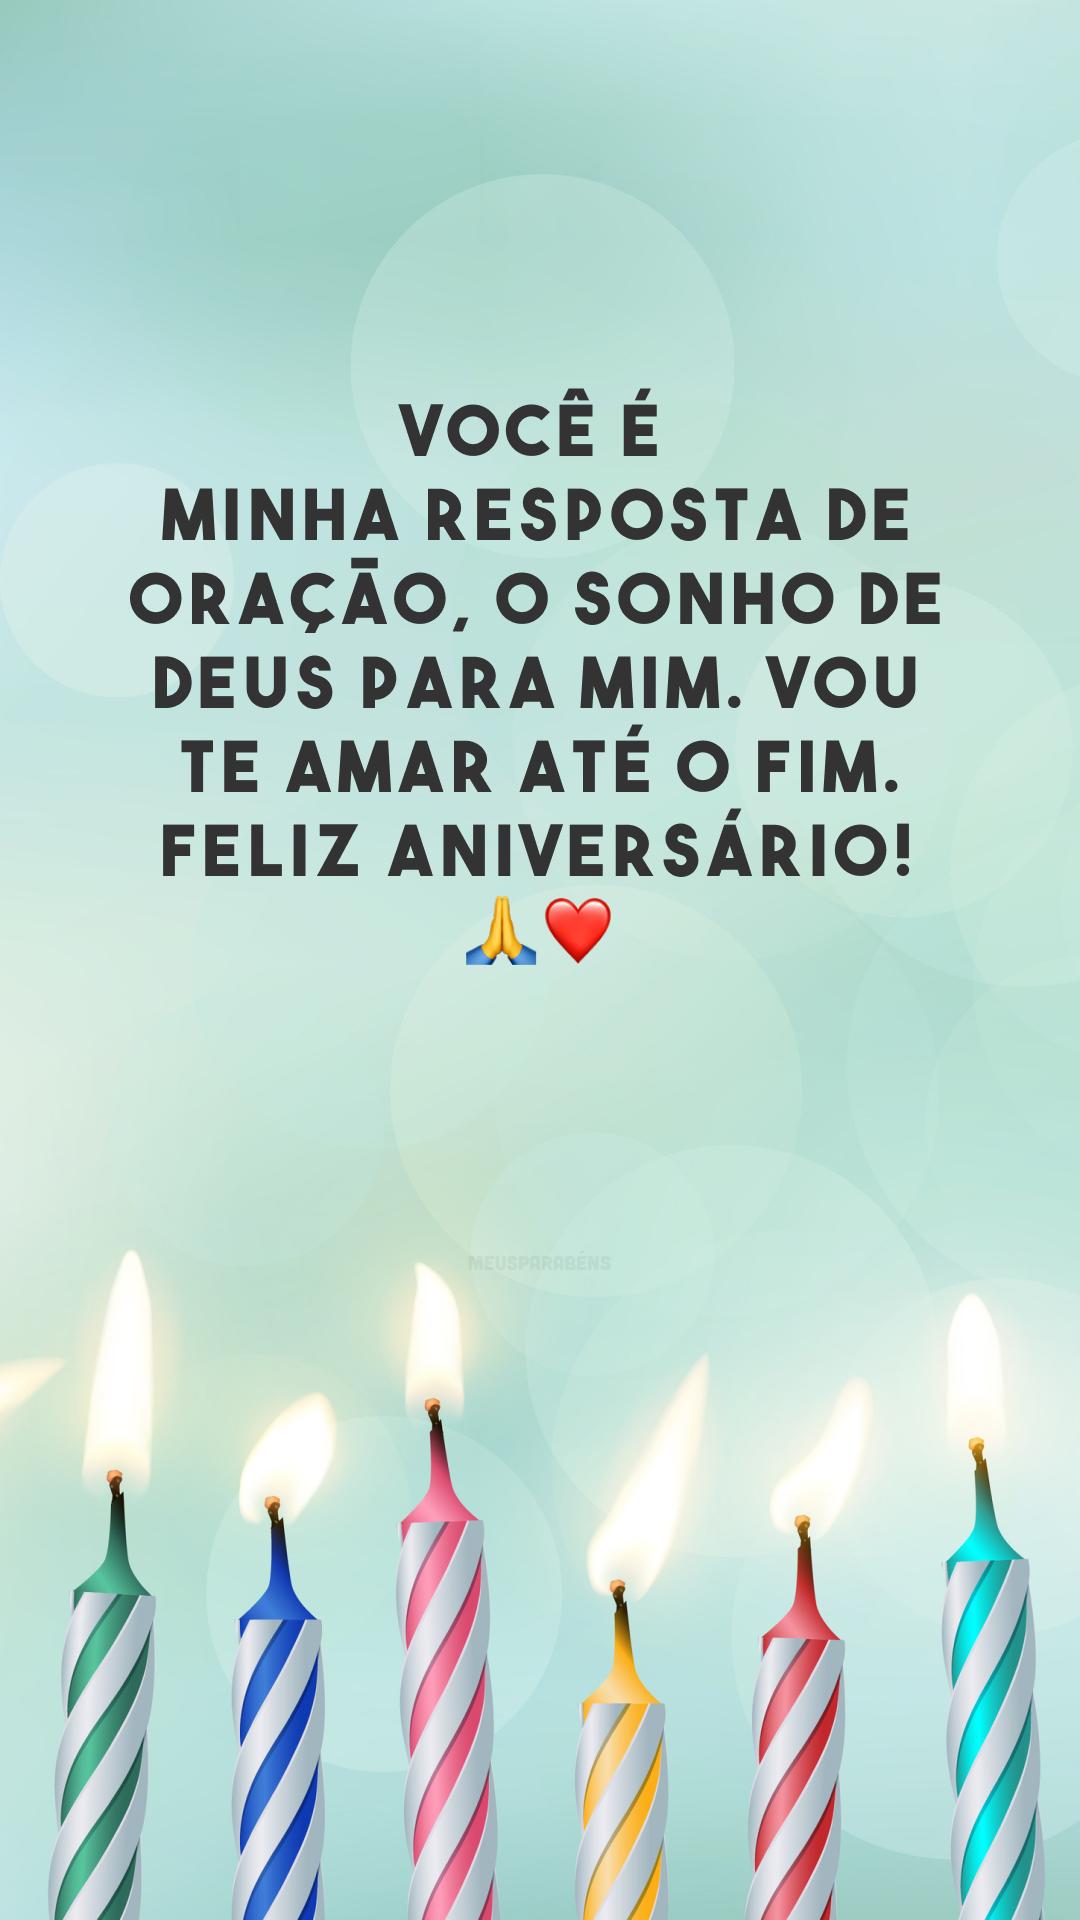 Você é minha resposta de oração, o sonho de Deus para mim. Vou te amar até o fim. Feliz aniversário! 🙏❤